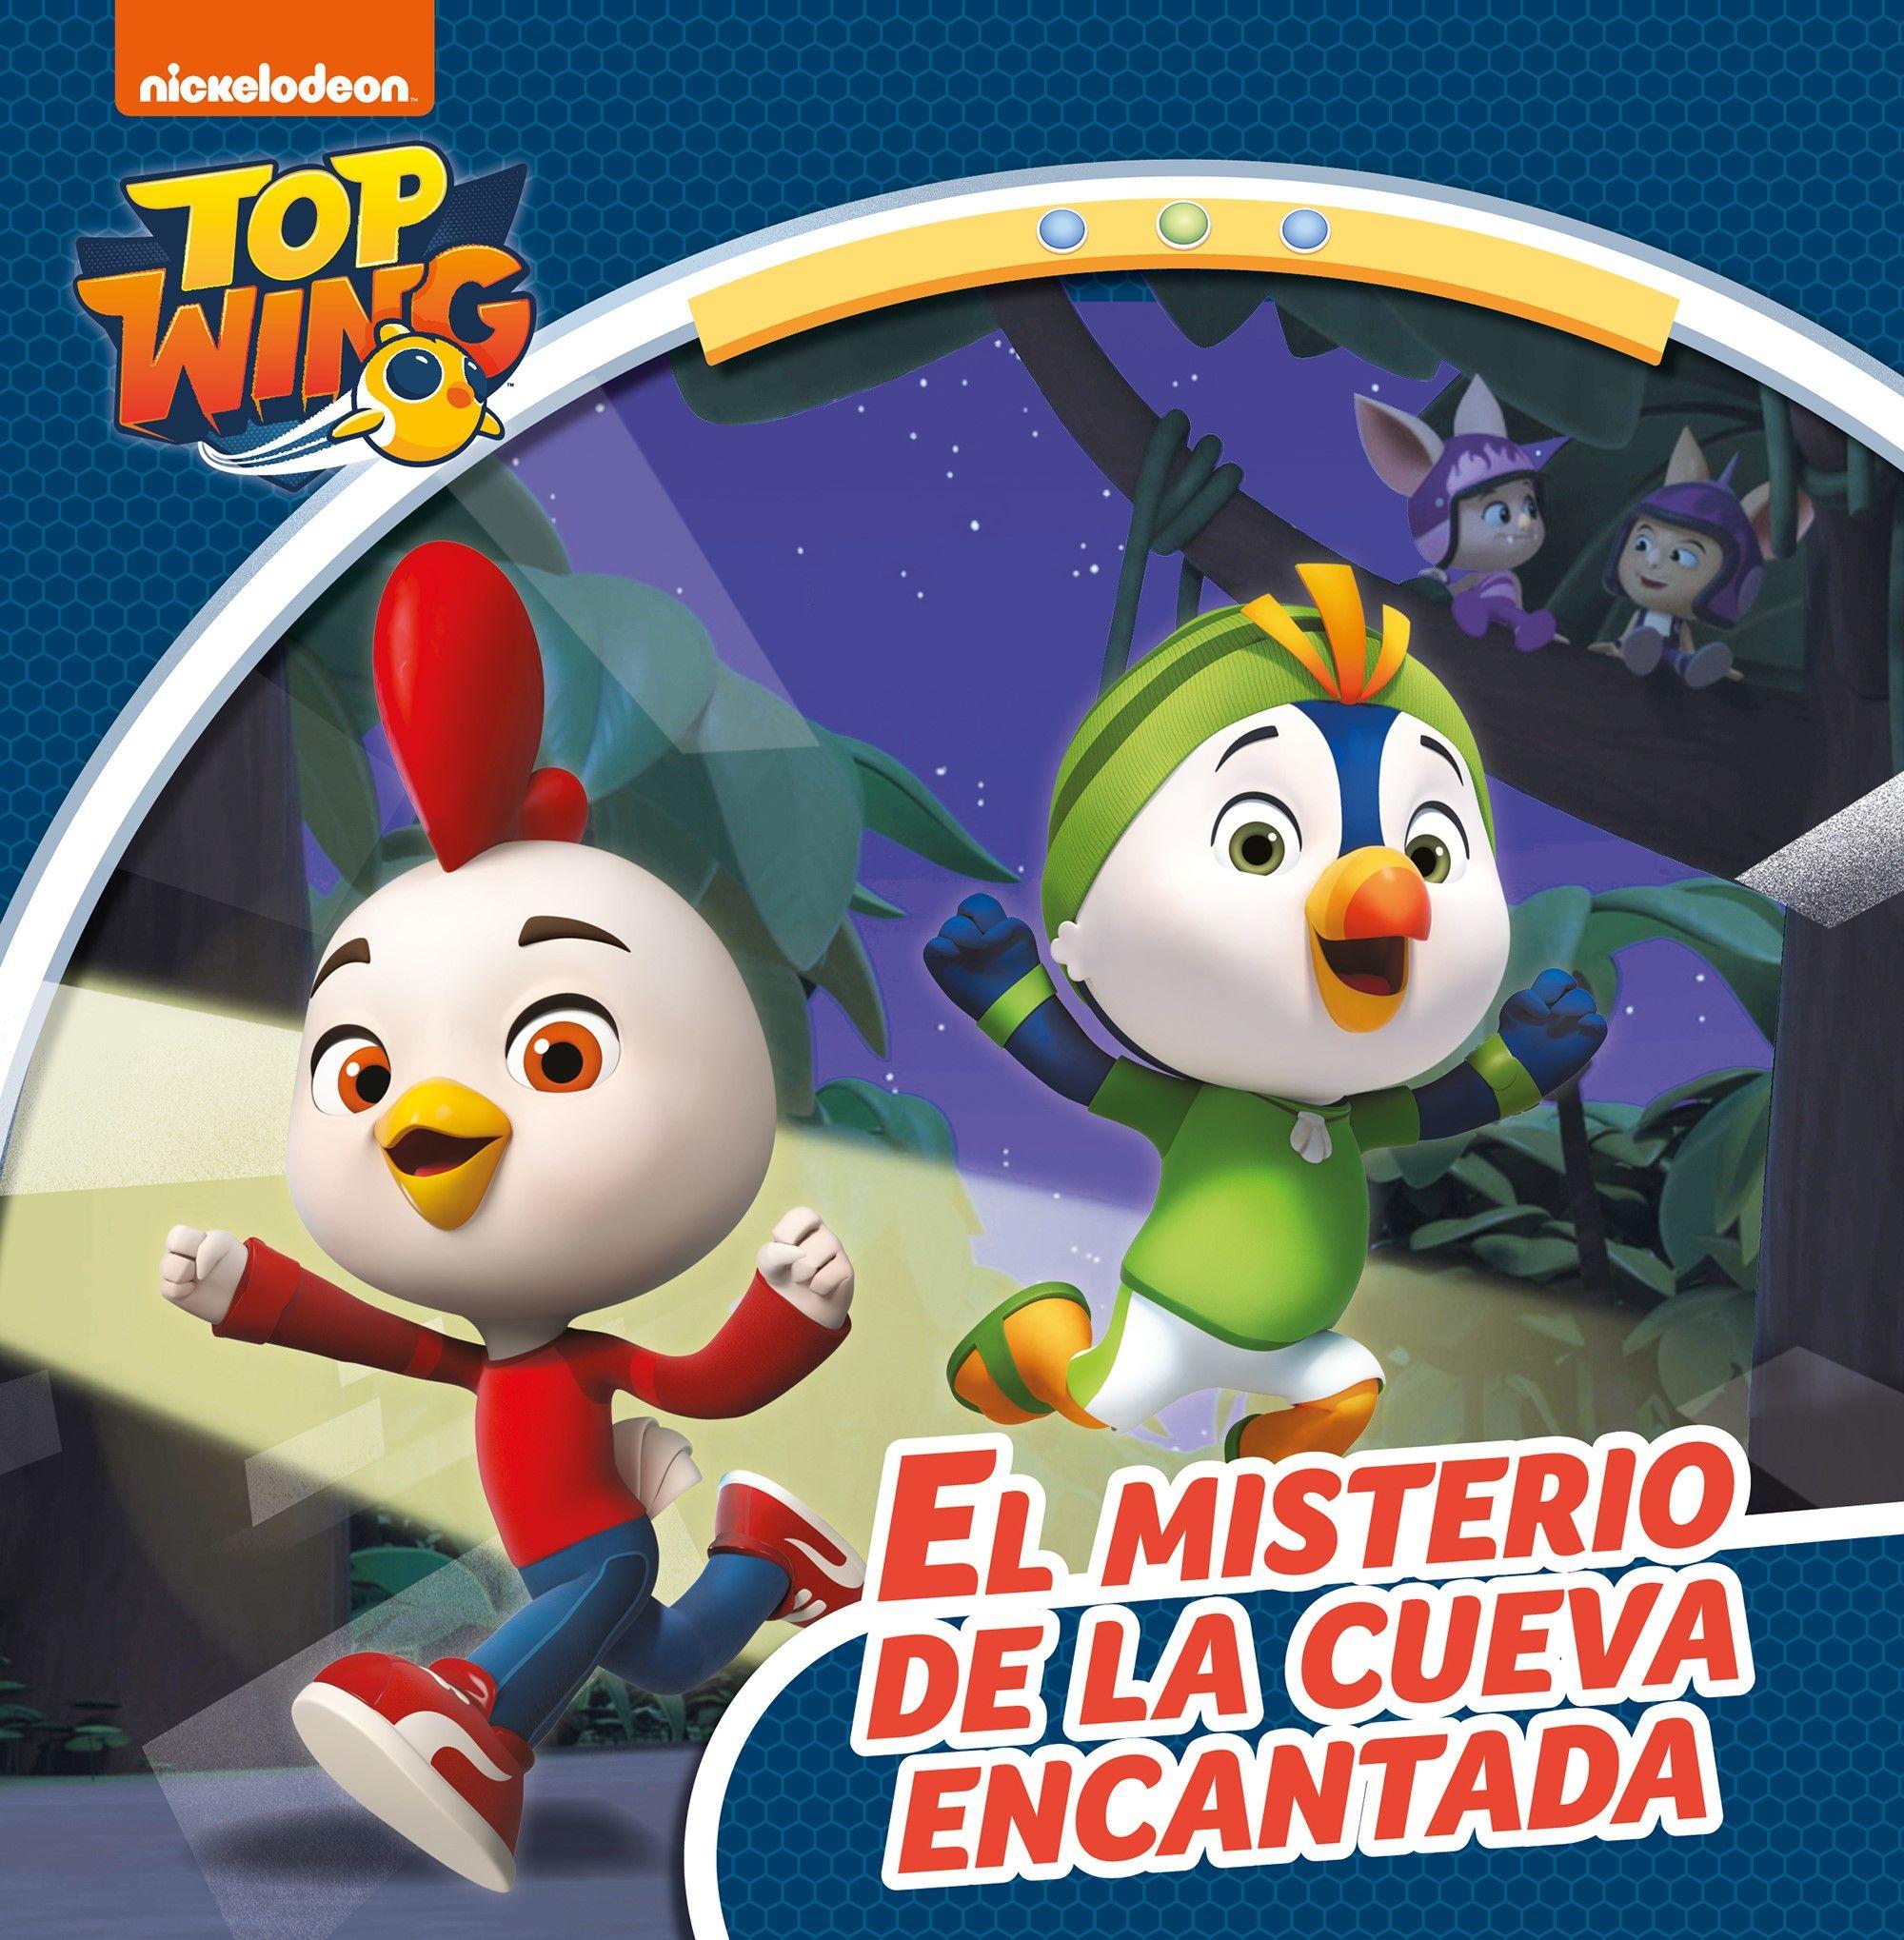 TOP WING EL MISTERIO DE LA CUEVA ENCANTADA